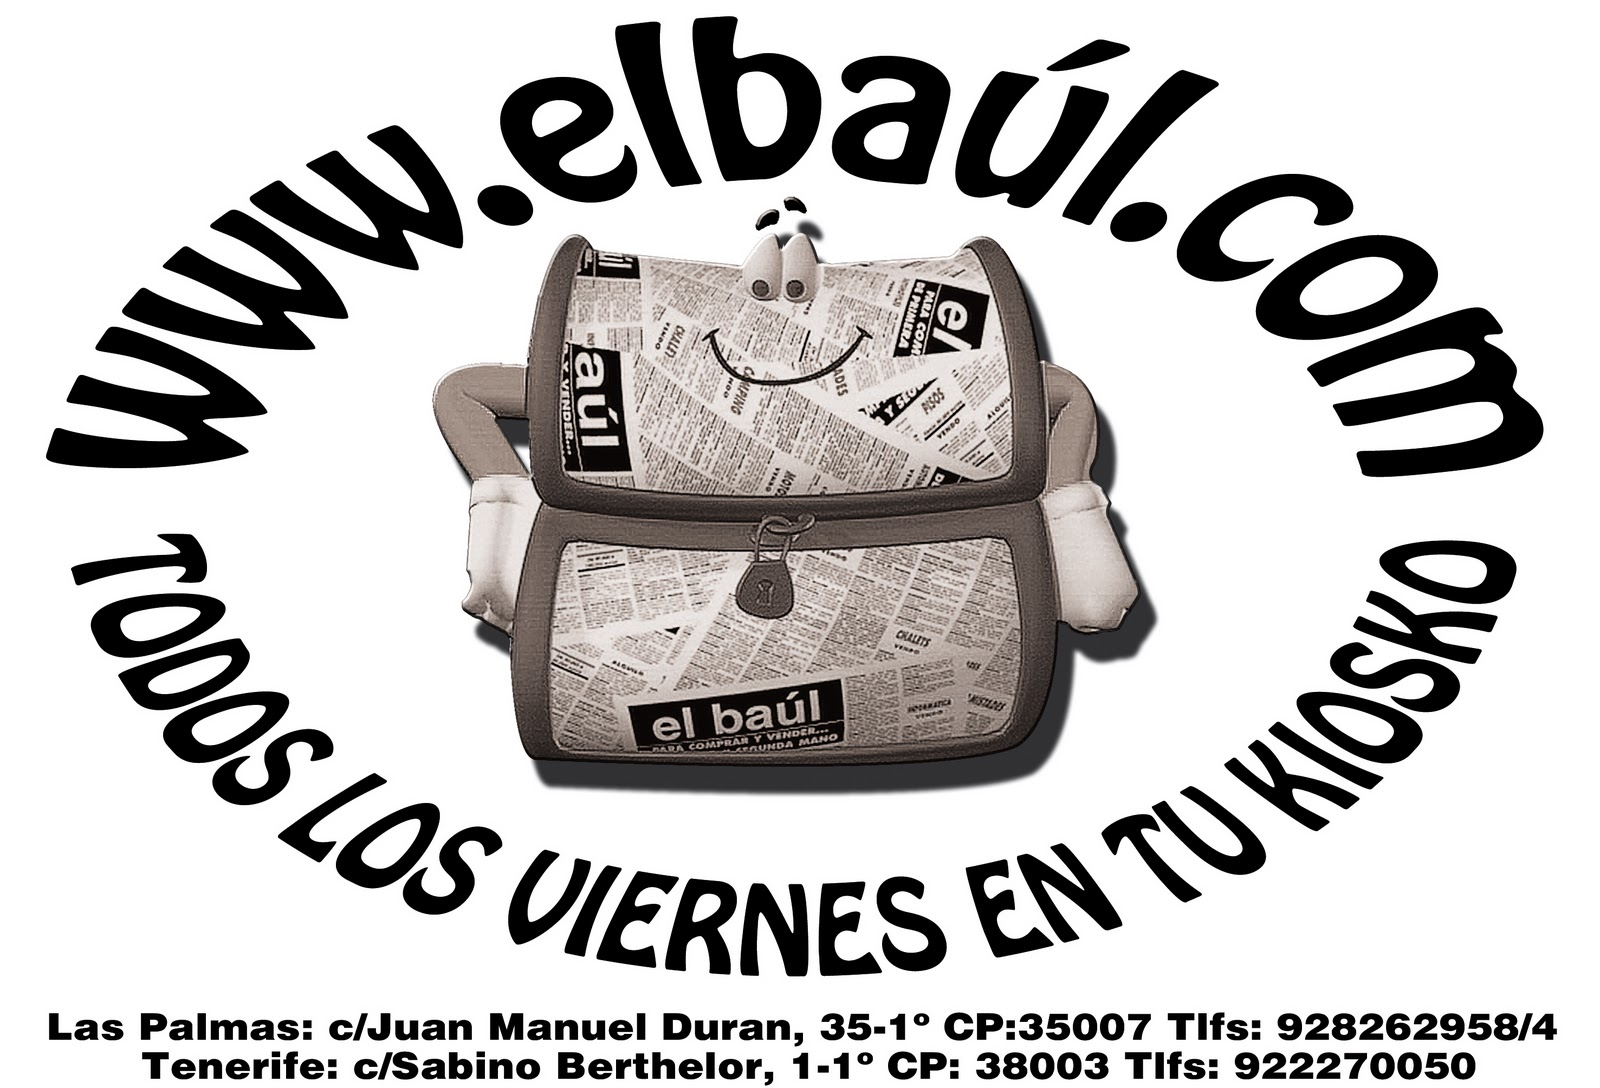 Jesusitoblogs logo bolsas periodico el baul - Bolsa de trabajo las palmas ...